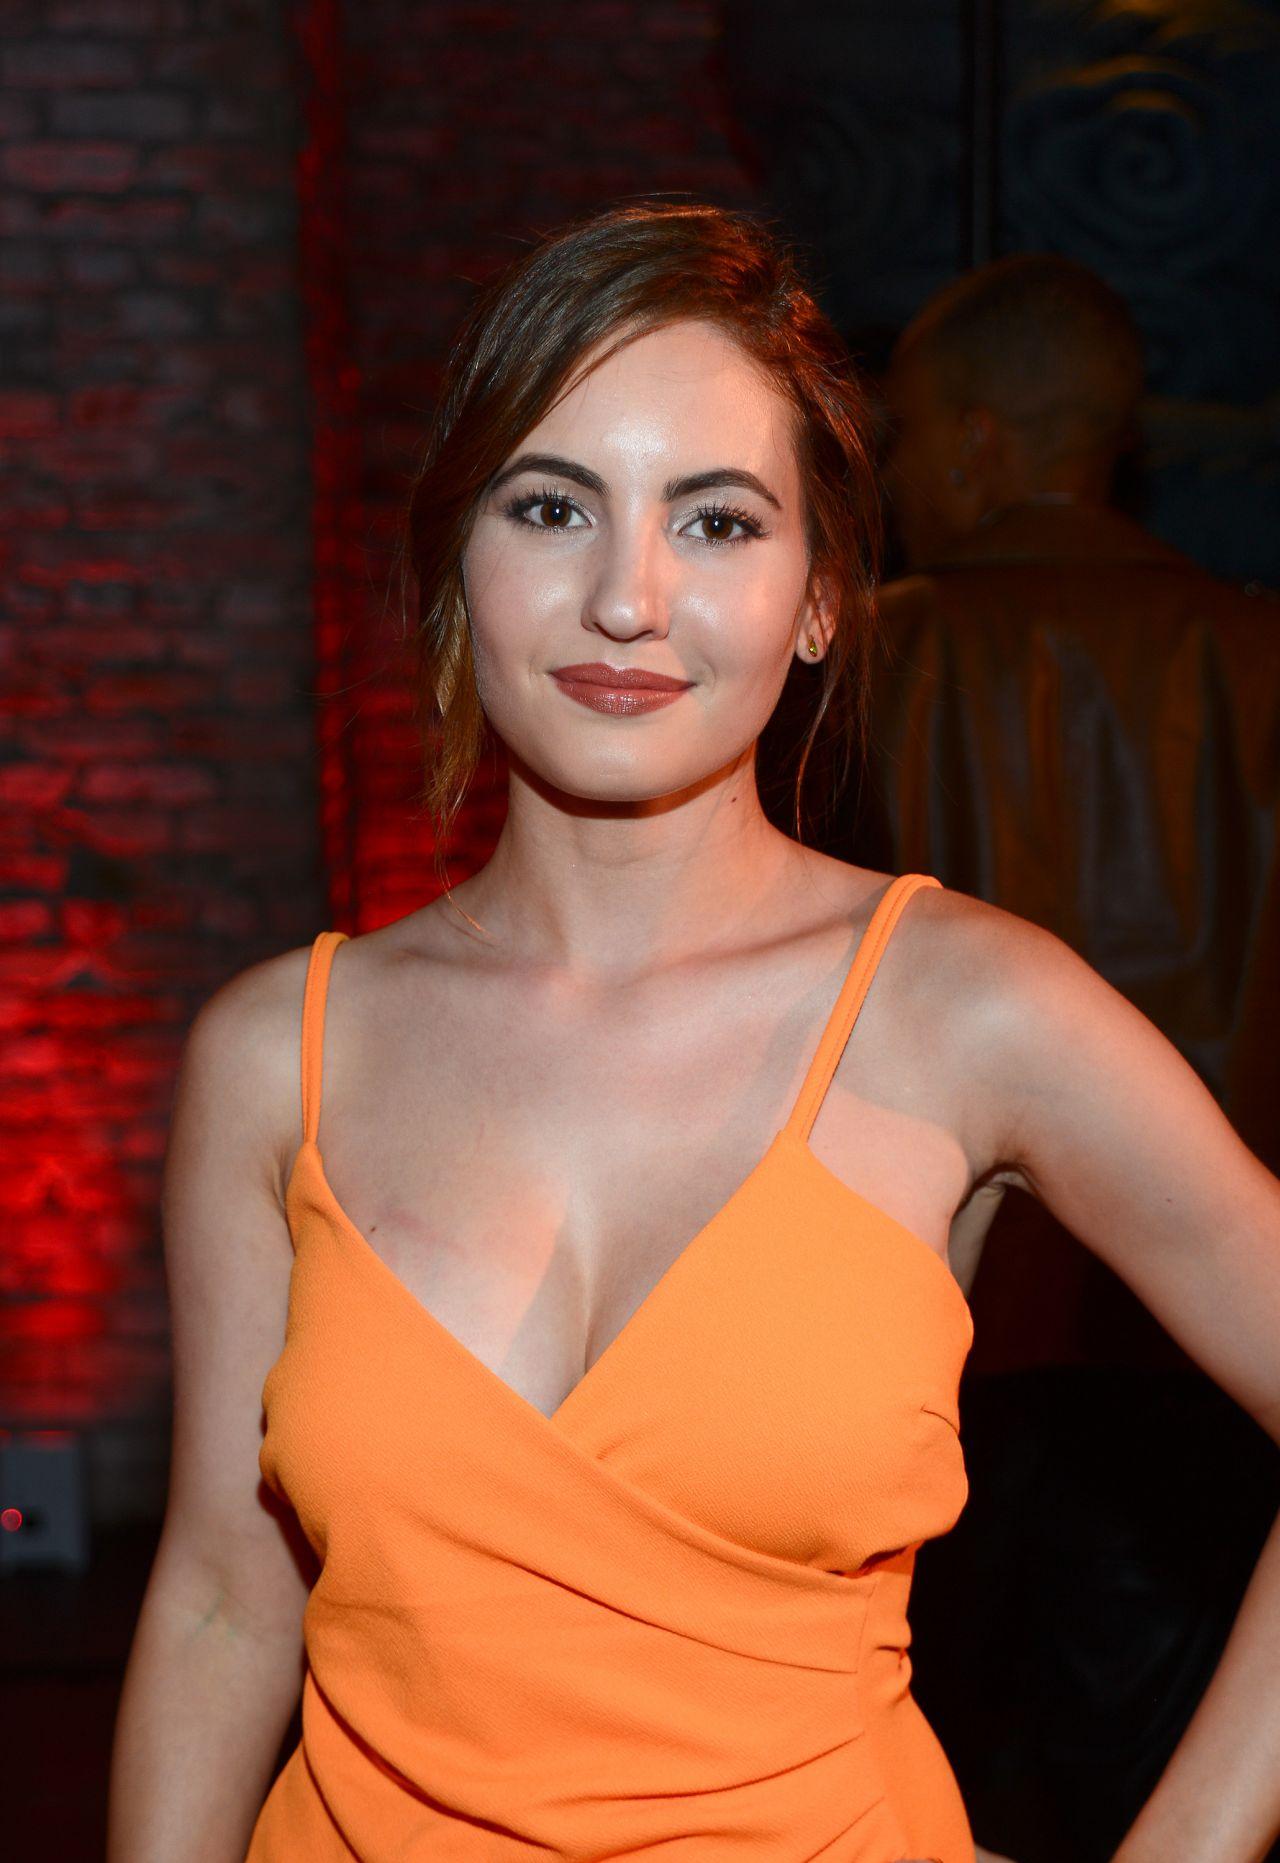 Amber heard sex scene from 039london fields039 on scandalplanetcom - 5 3